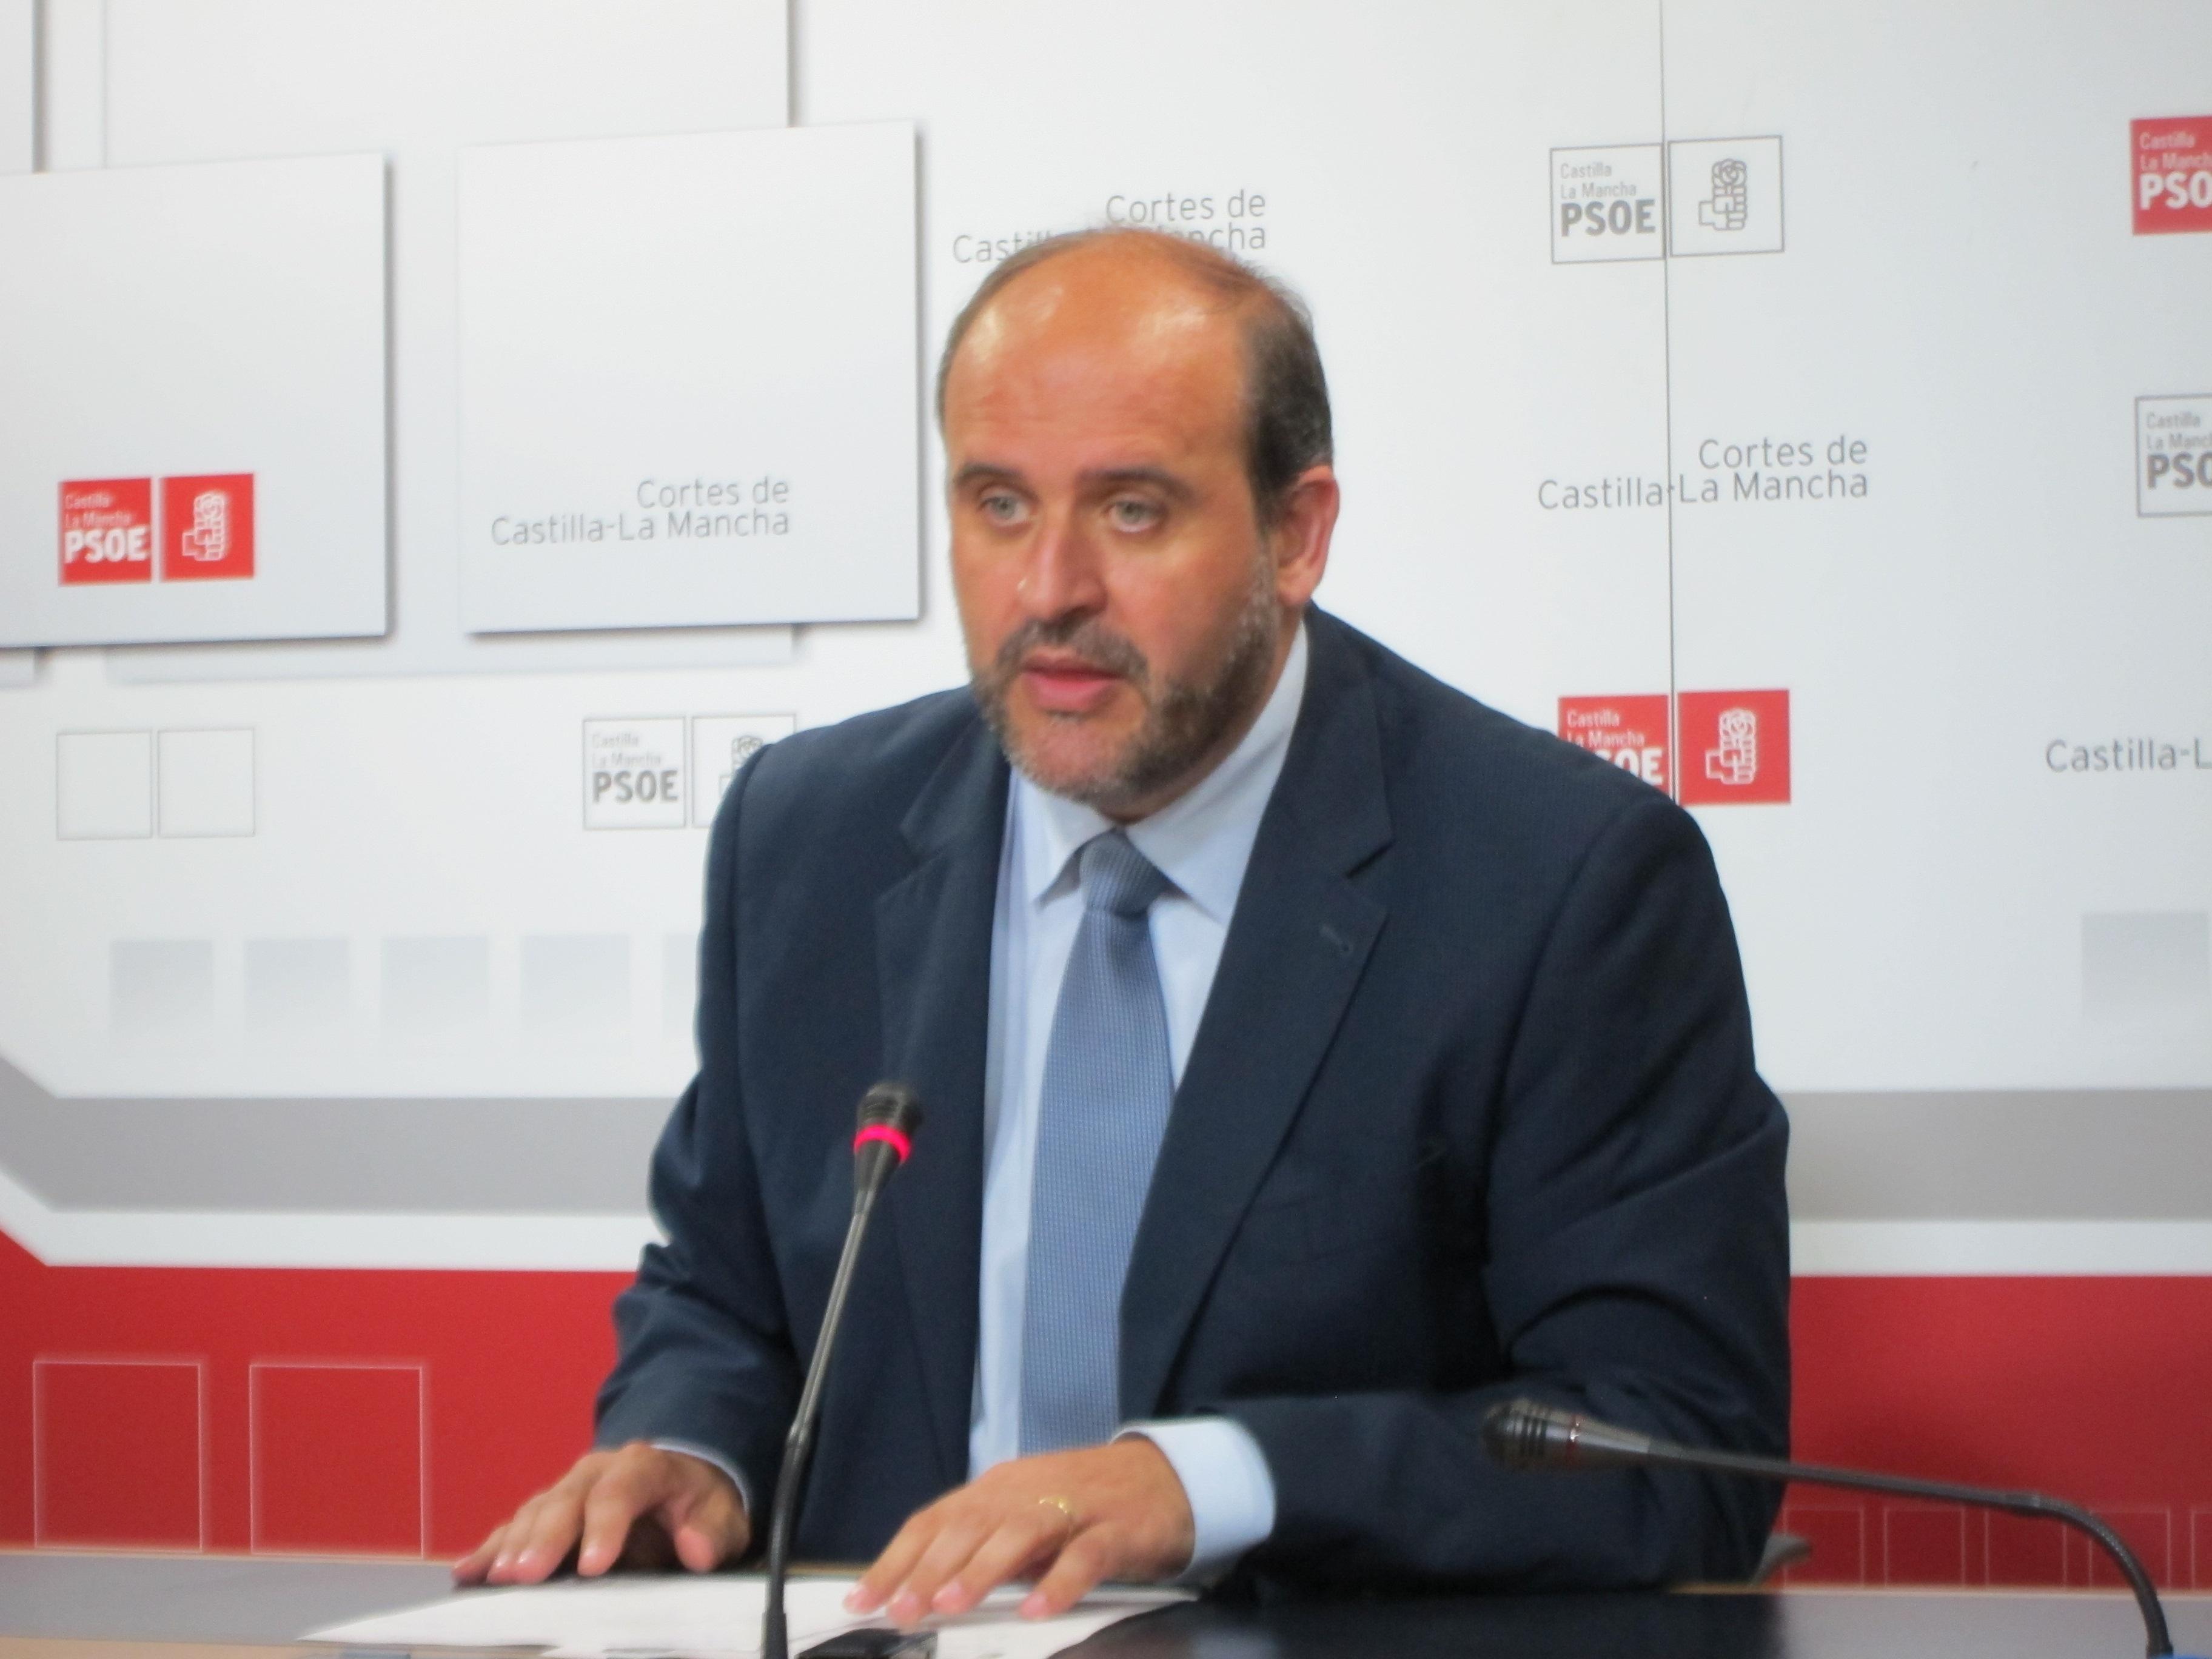 PSOE pedirá a la Junta que utilice «toda» su capacidad normativa para que se bajen impuestos en C-LM como en Extremadura